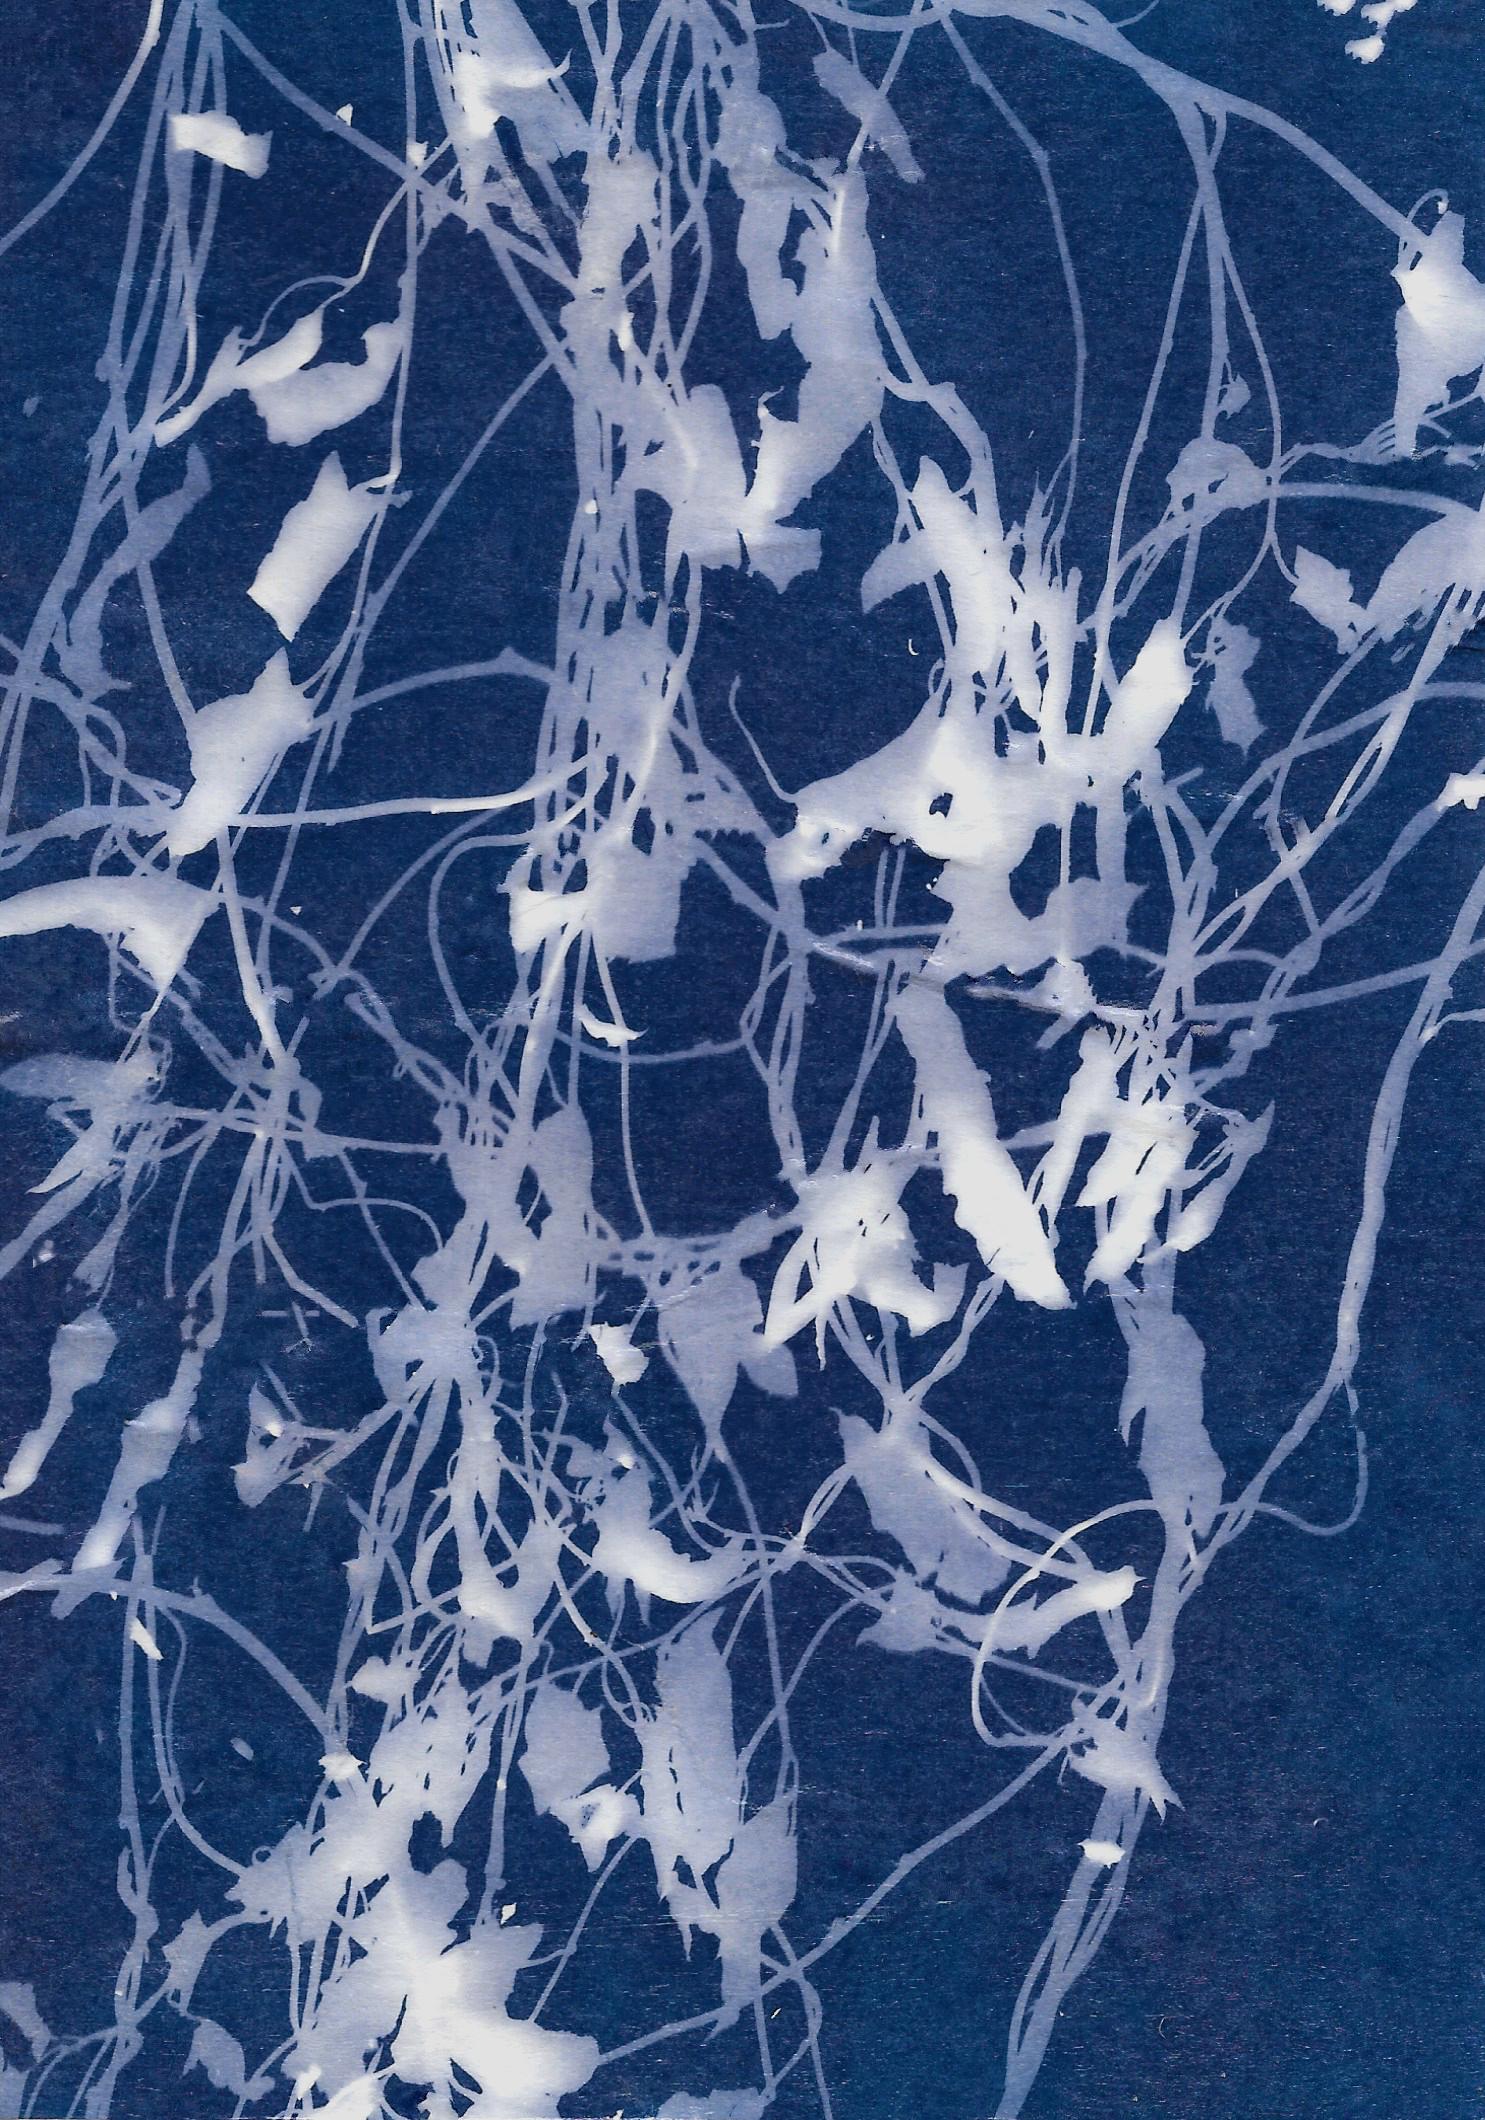 Winter Garden 1 || cyanotype || Rachel Loewens